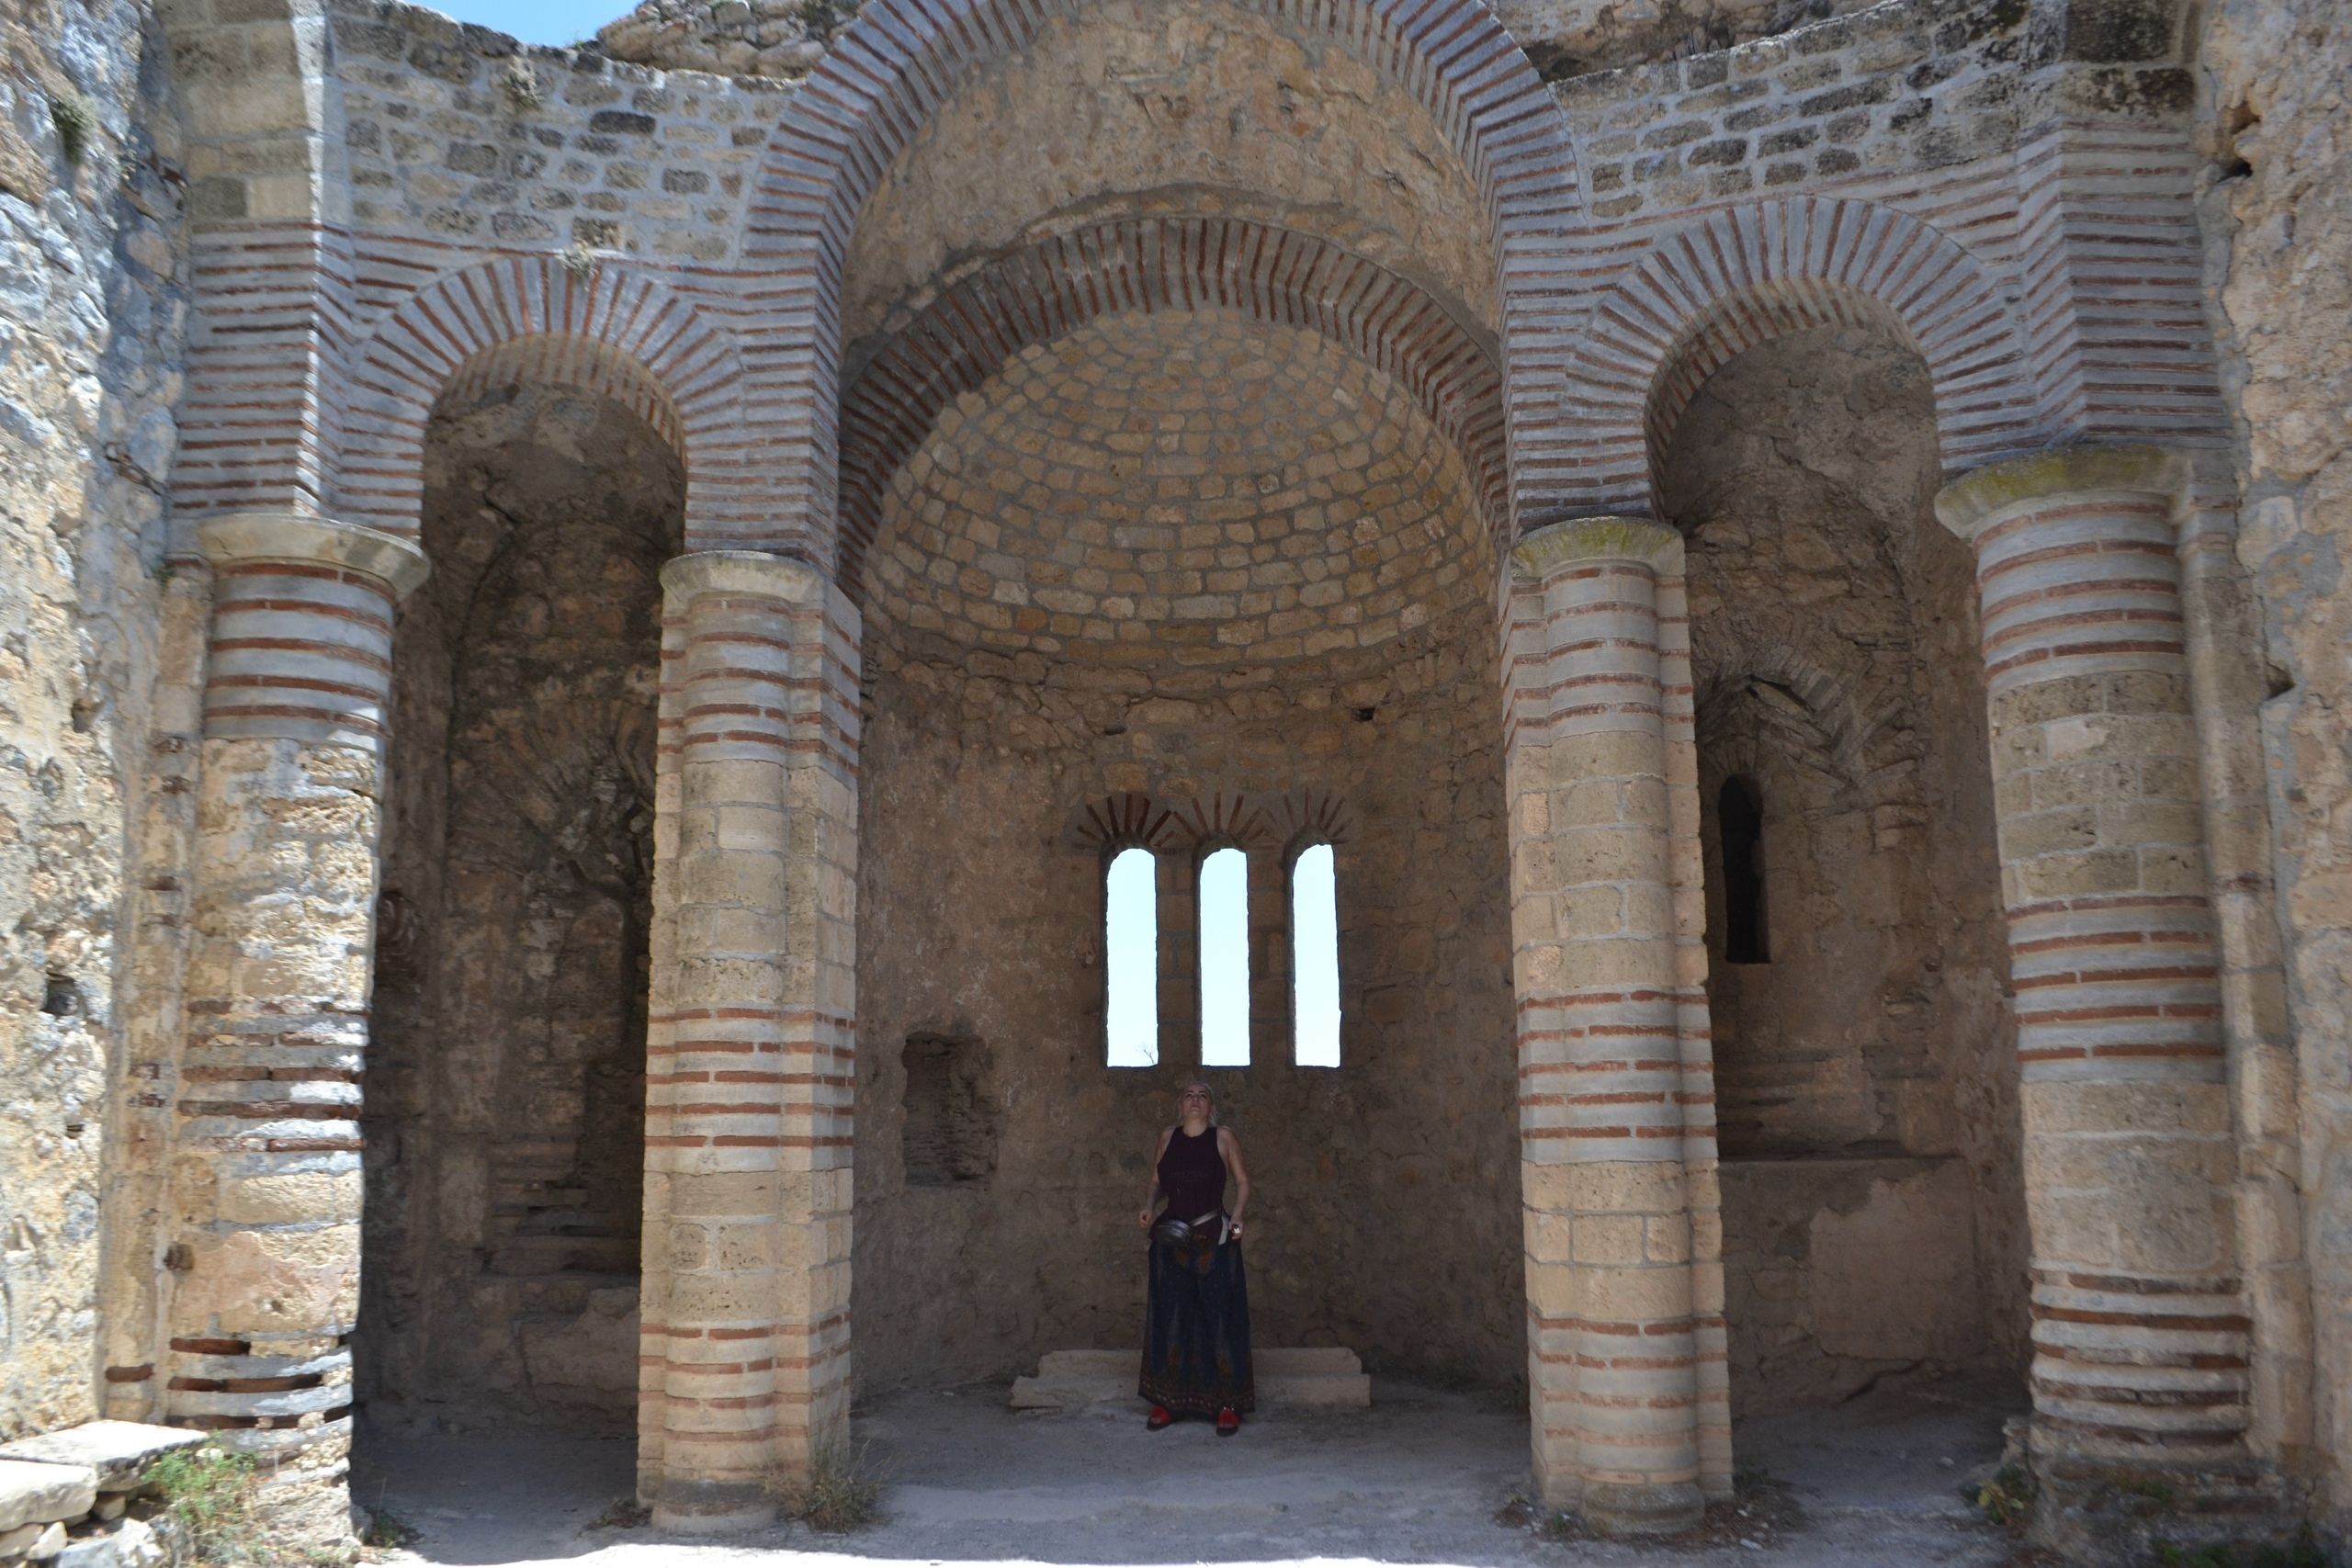 Северный Кипр. Замок Святого Иллариона. (фото). - Страница 2 LhtOINRoXq0